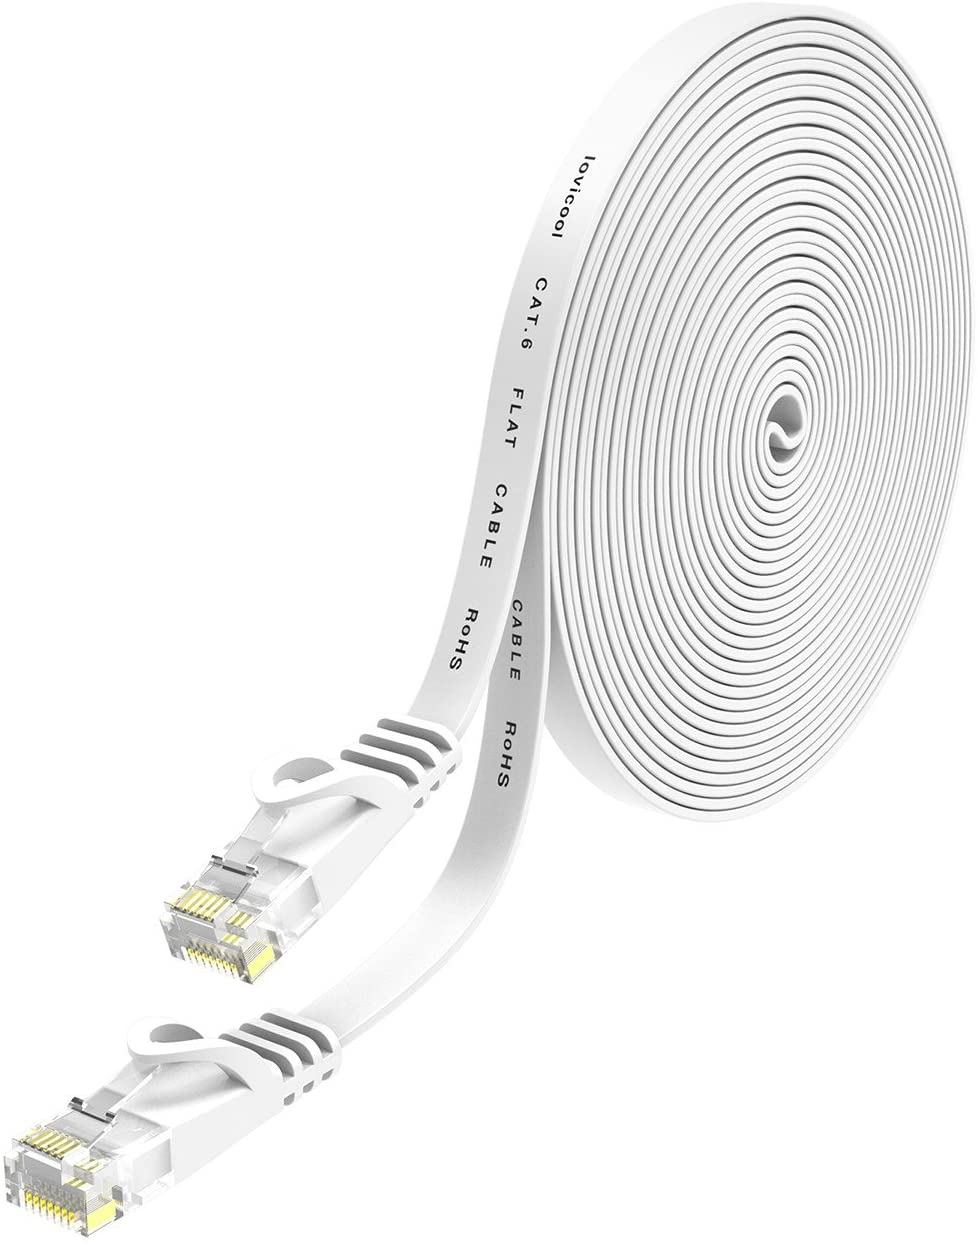 アマゾンでlovicool LANケーブル CAT6準拠 10mが528円。ケーブルにCAT6と書いてあるので数年後に捨てやすい。